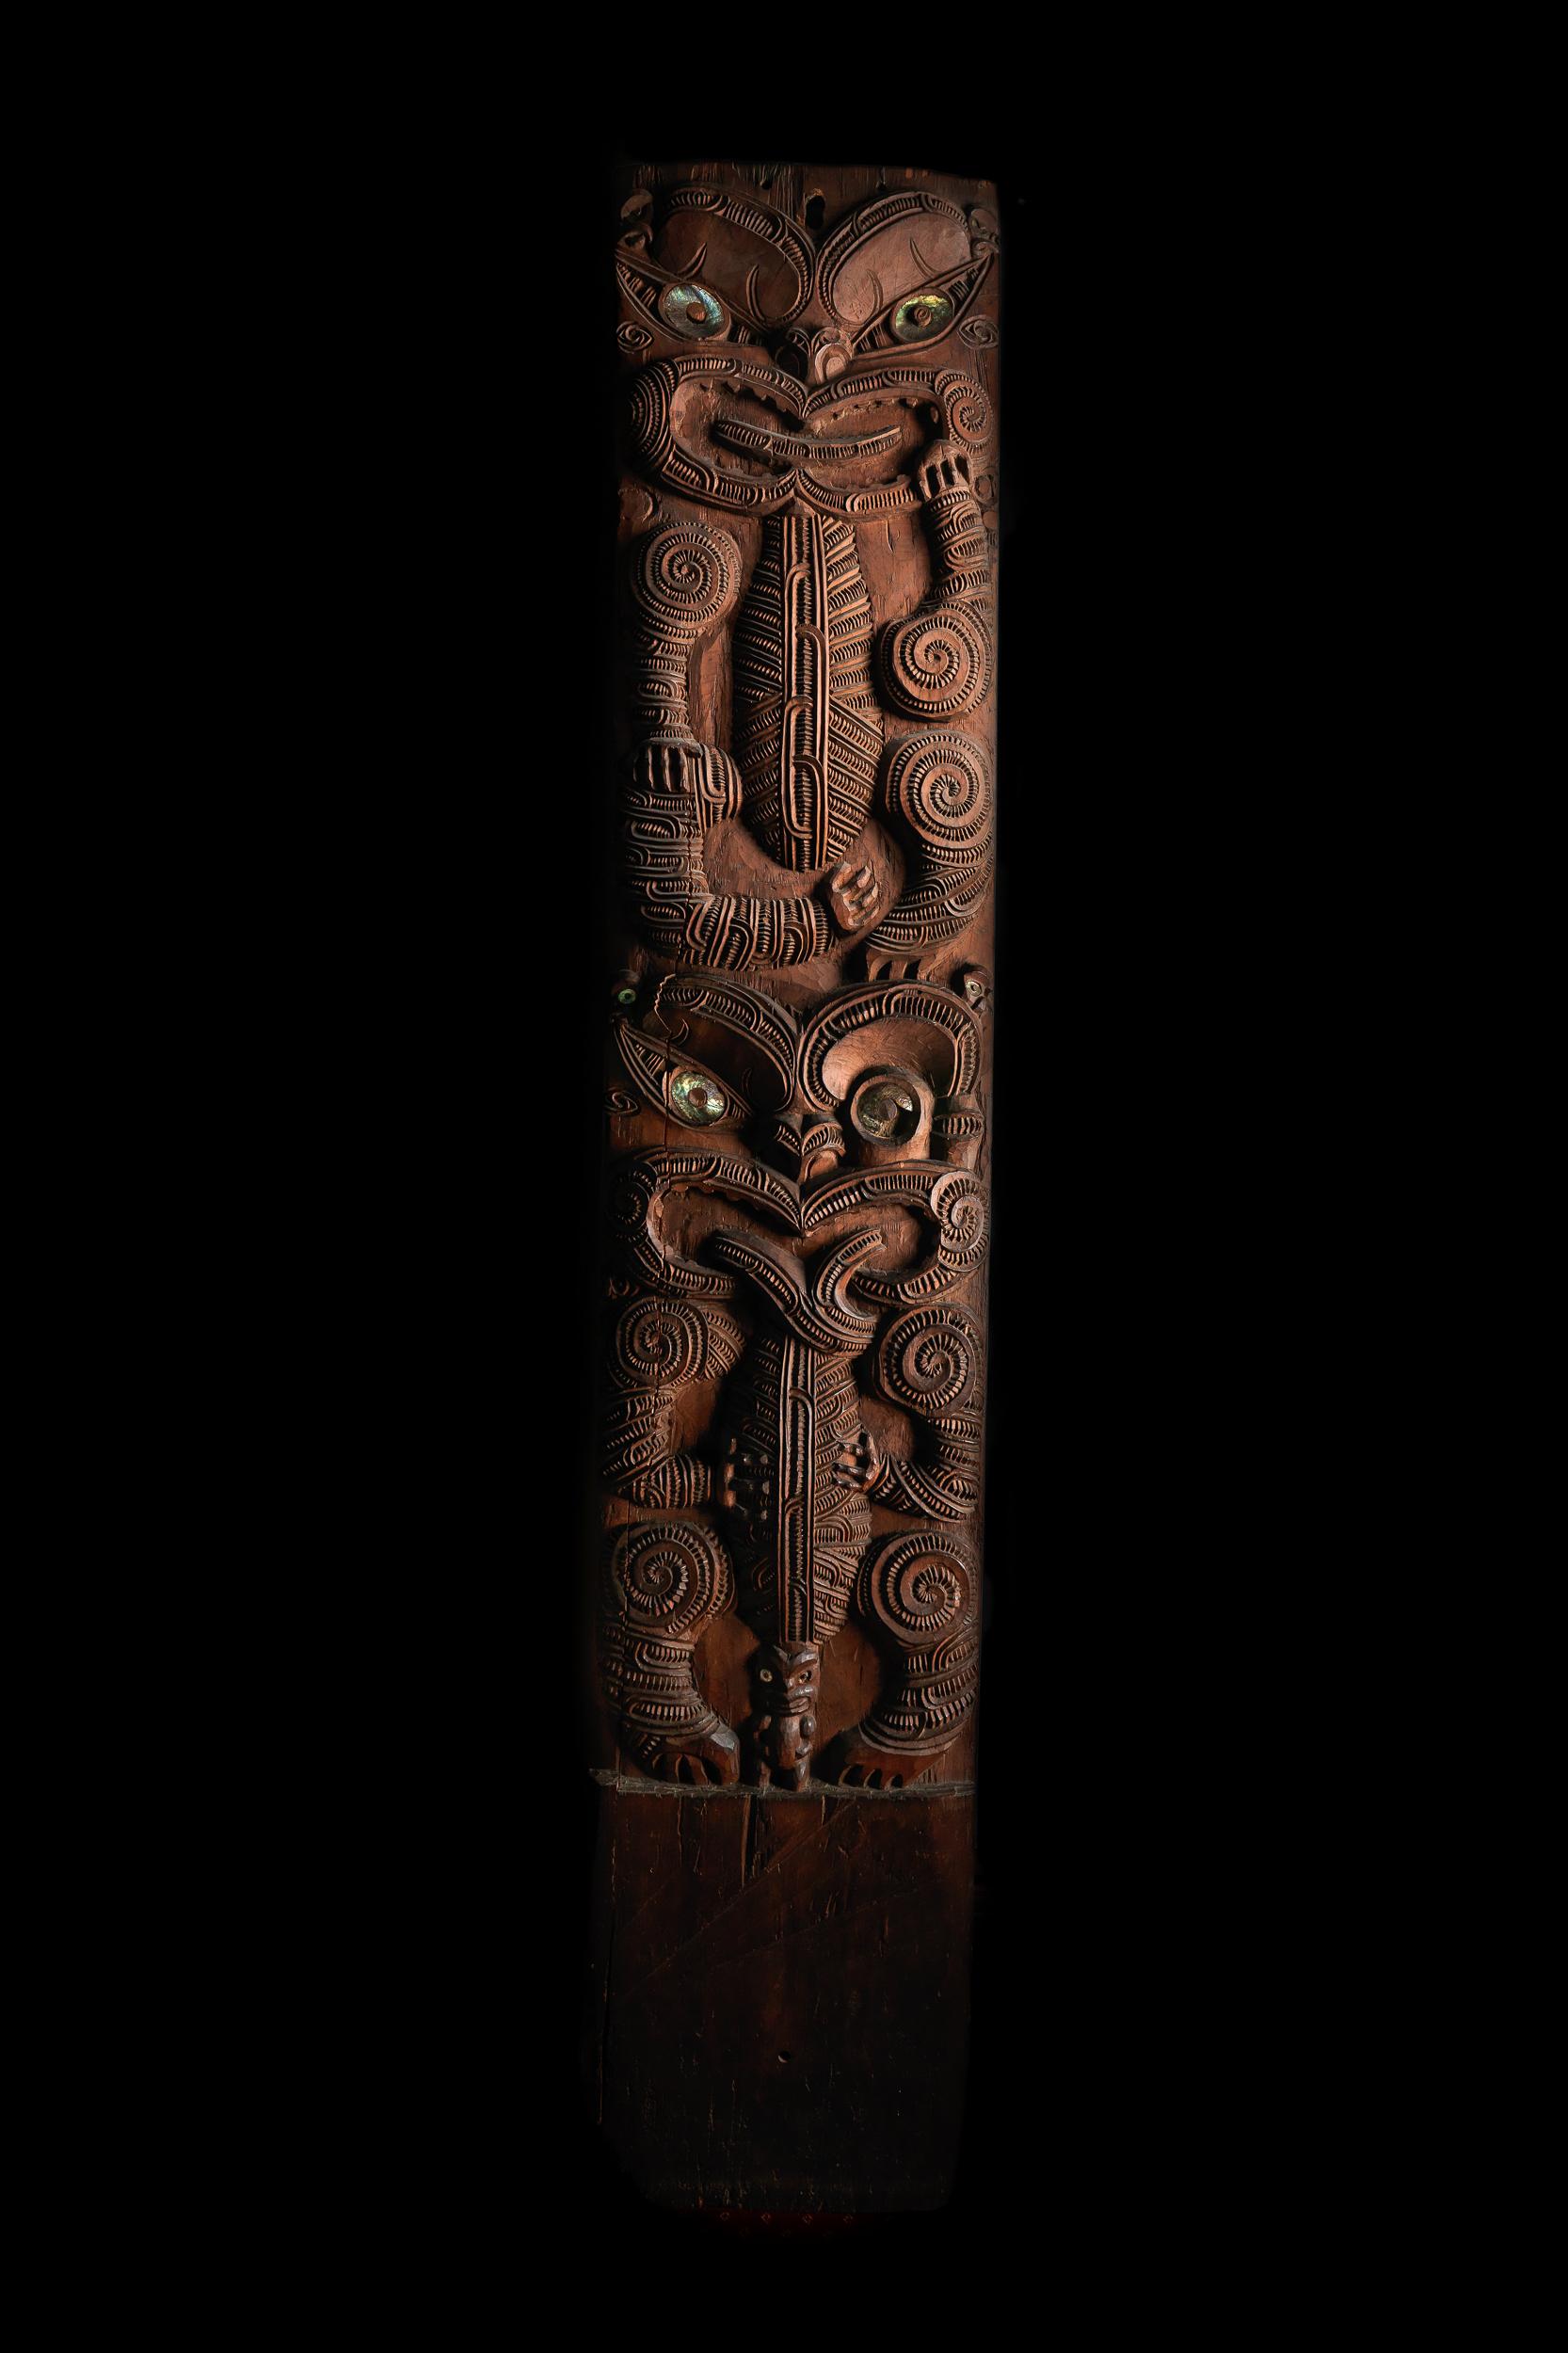 Poupou—wall panel from a Māori wharenui (ancestral community meeting house) 'Heretaunga', Pākōwhai, Hawke's Bay, New Zealand, 1870s  Ngāti Porou craftsmen, commissioned by tribal leader Karaitiana Takamoana (Ngāti Kahungunu) Carved wood, paua shell South Australian Museum, Adelaide